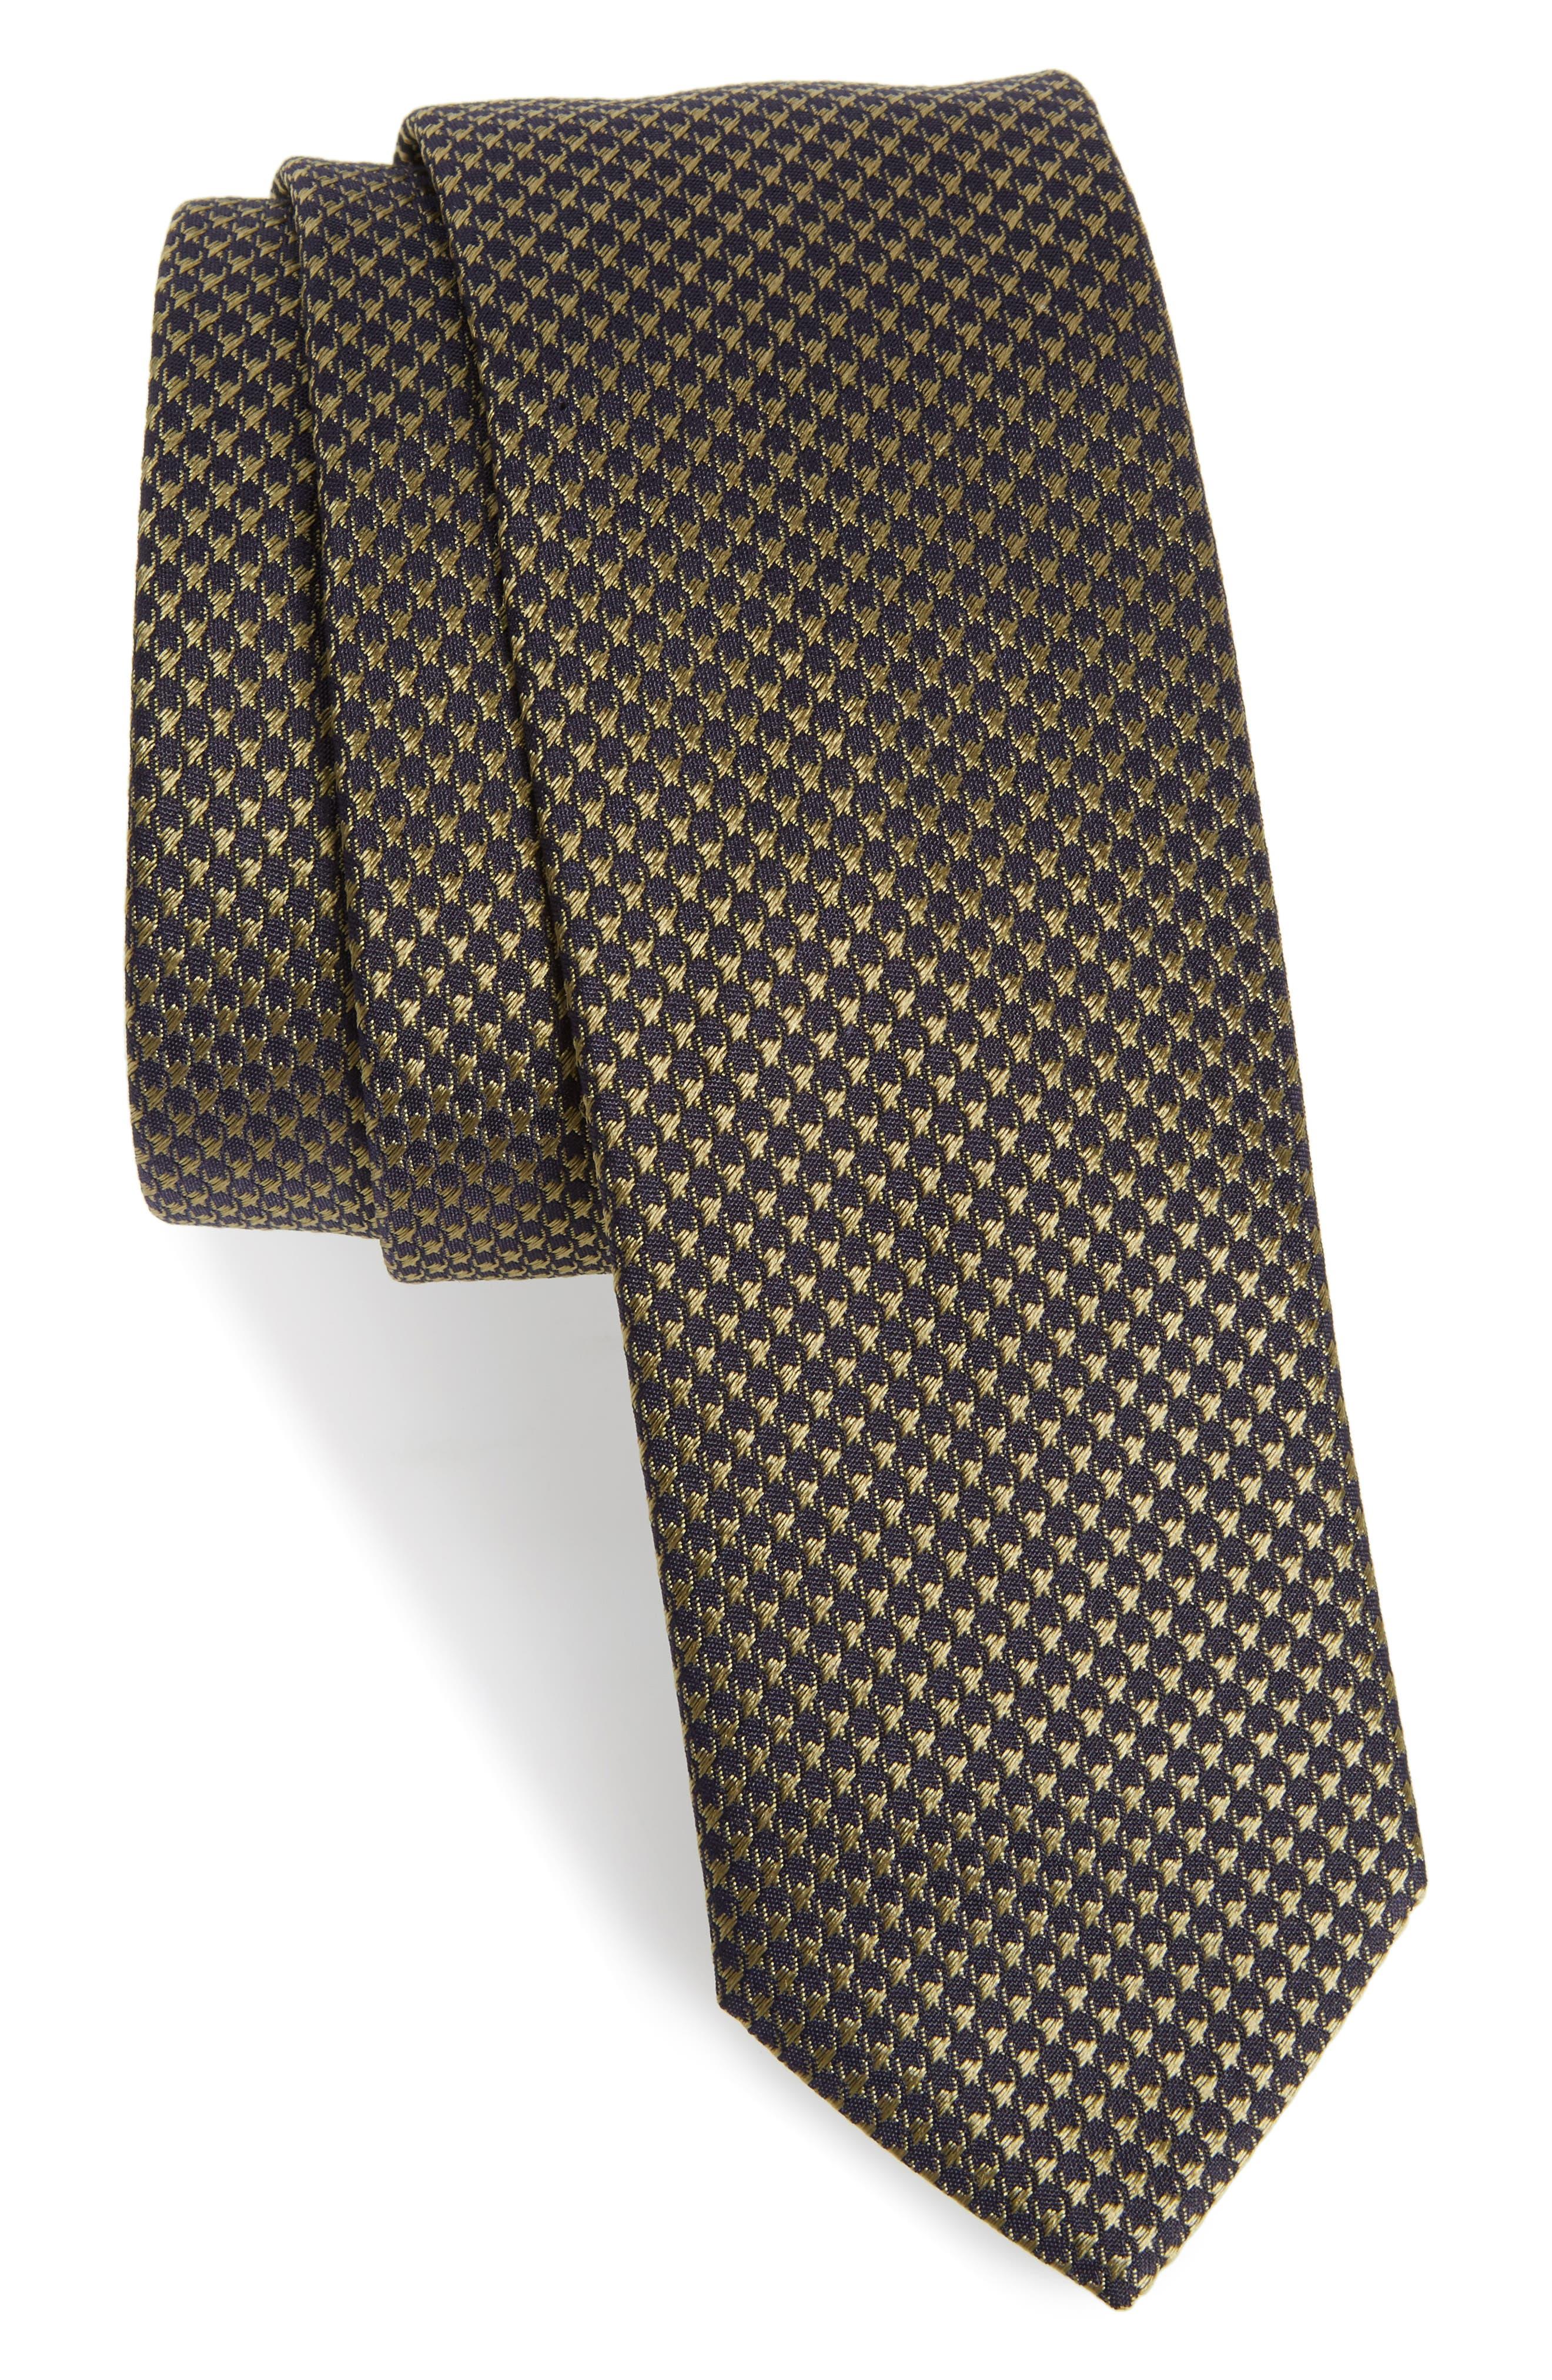 Main Image - BOSS Jacquard Silk Tie